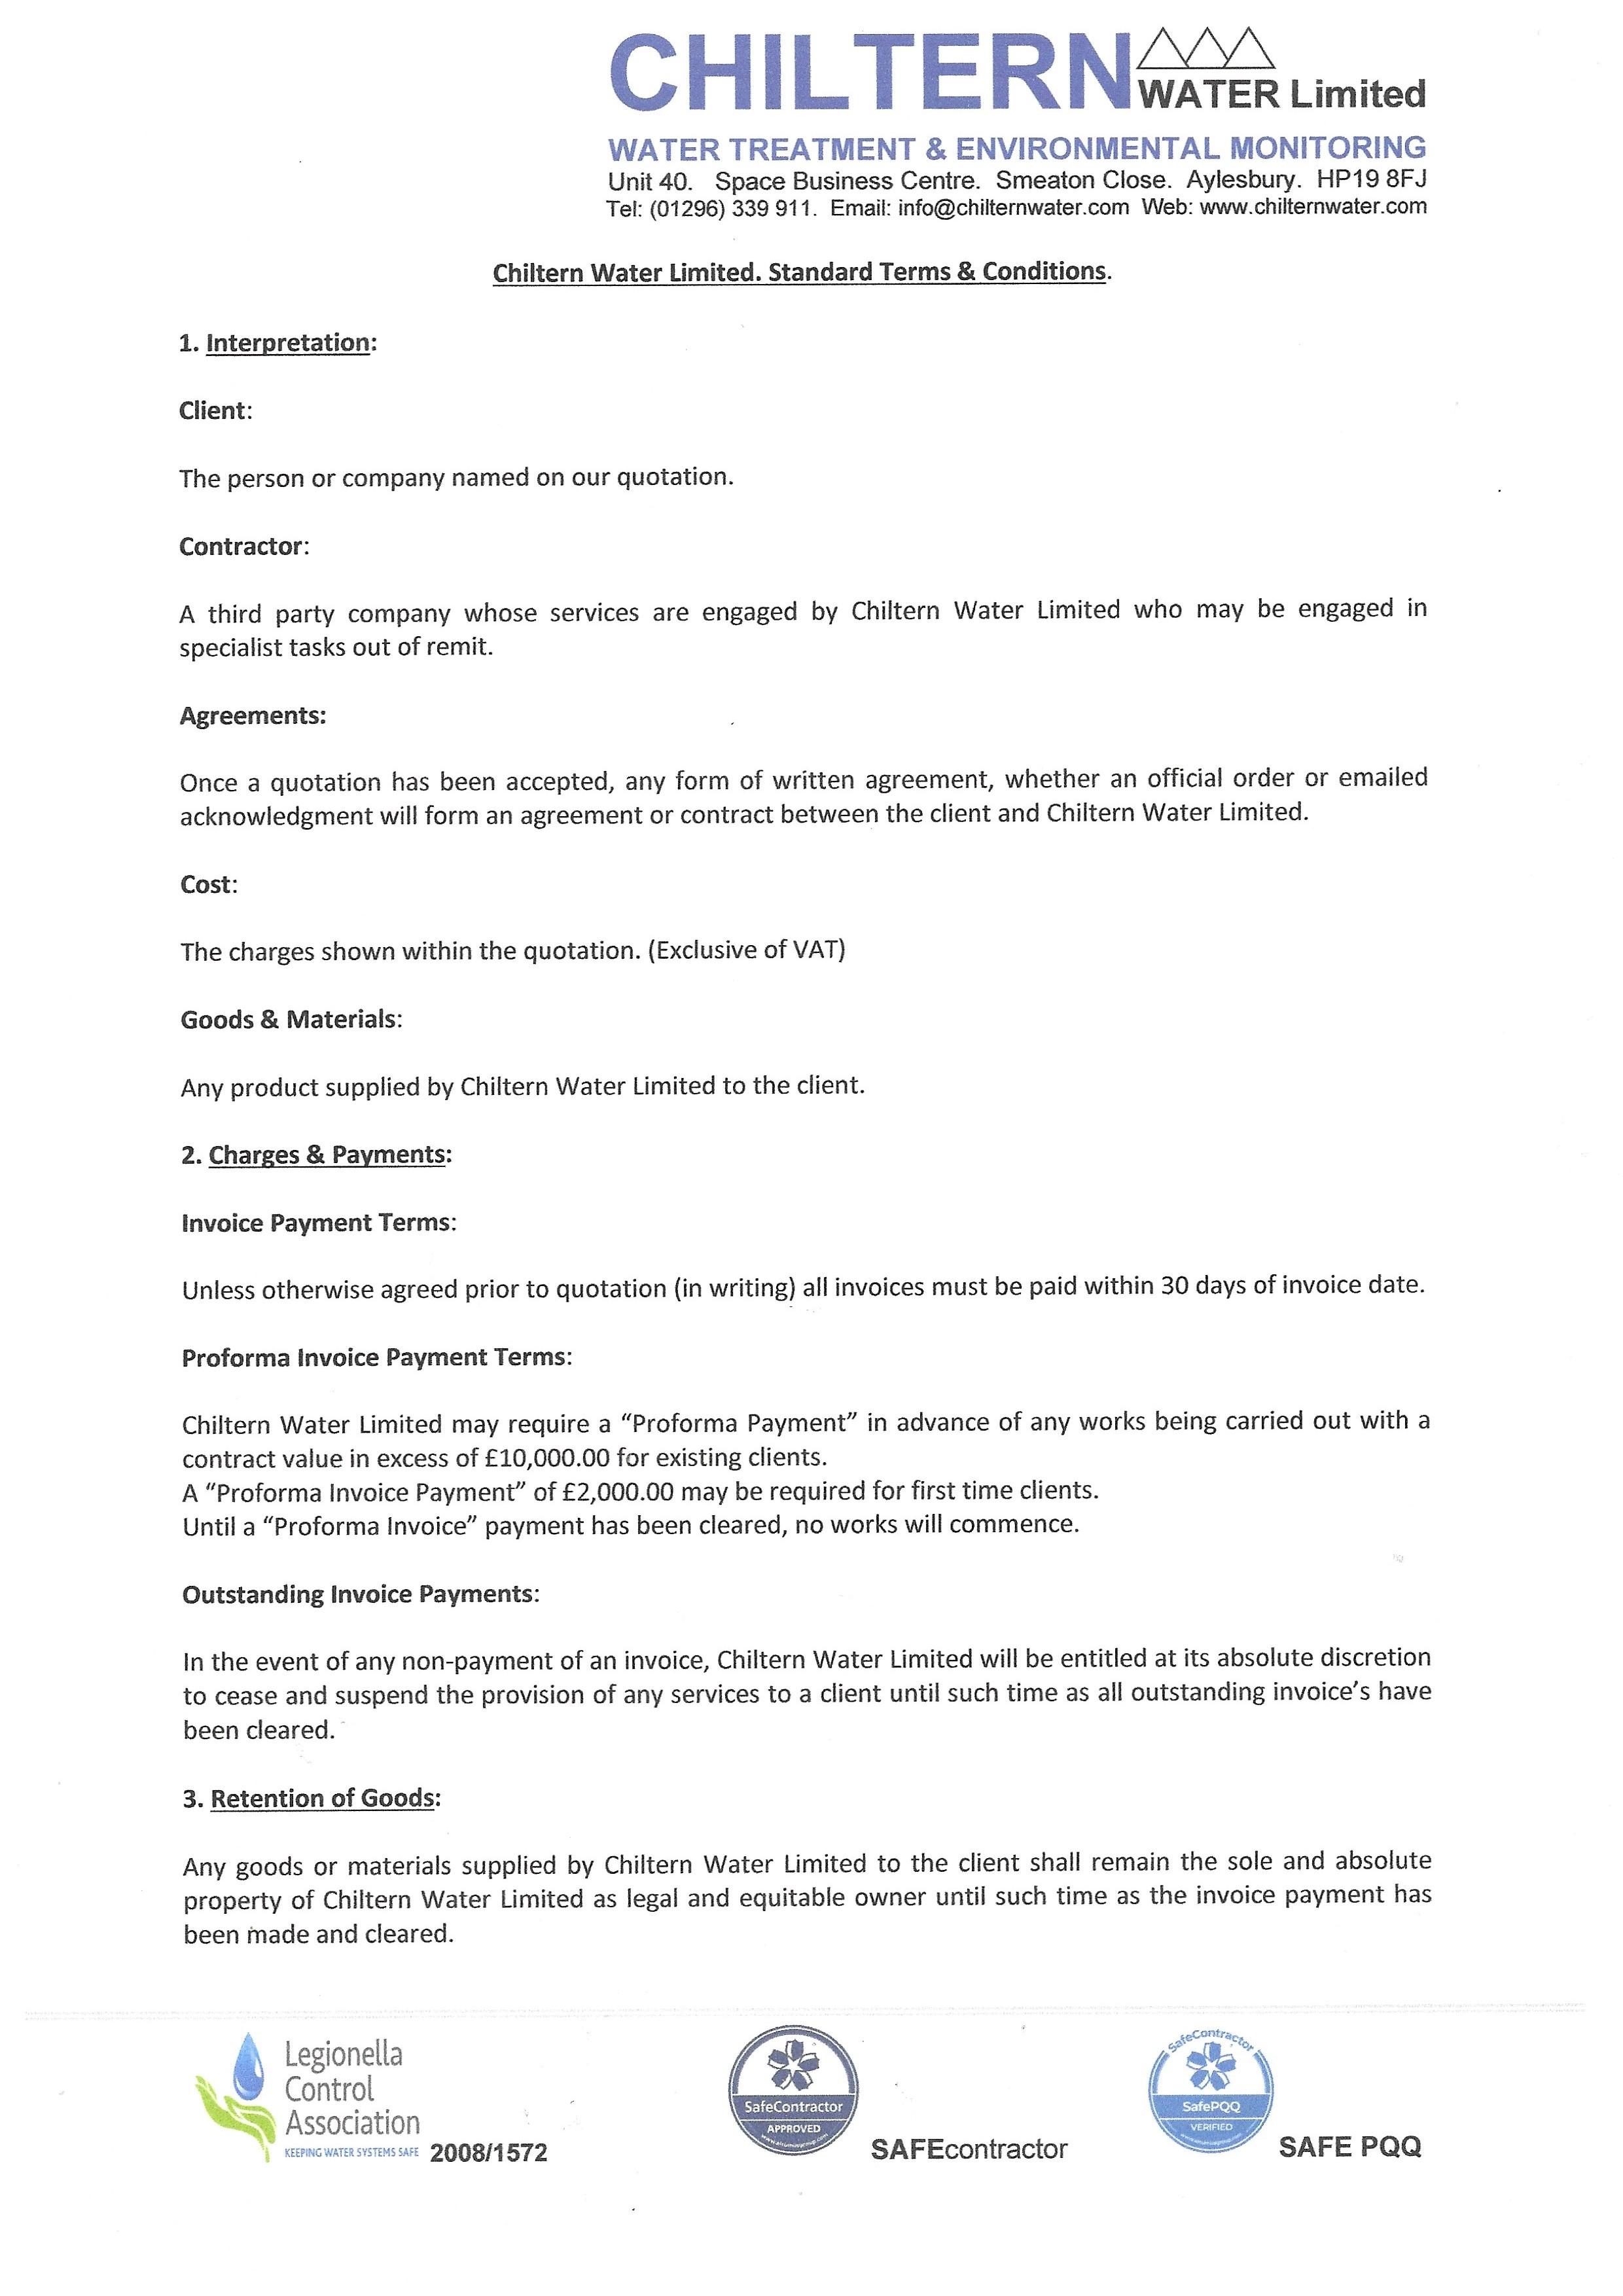 https://0501.nccdn.net/4_2/000/000/056/7dc/document_2020-11-13_135716.jpg